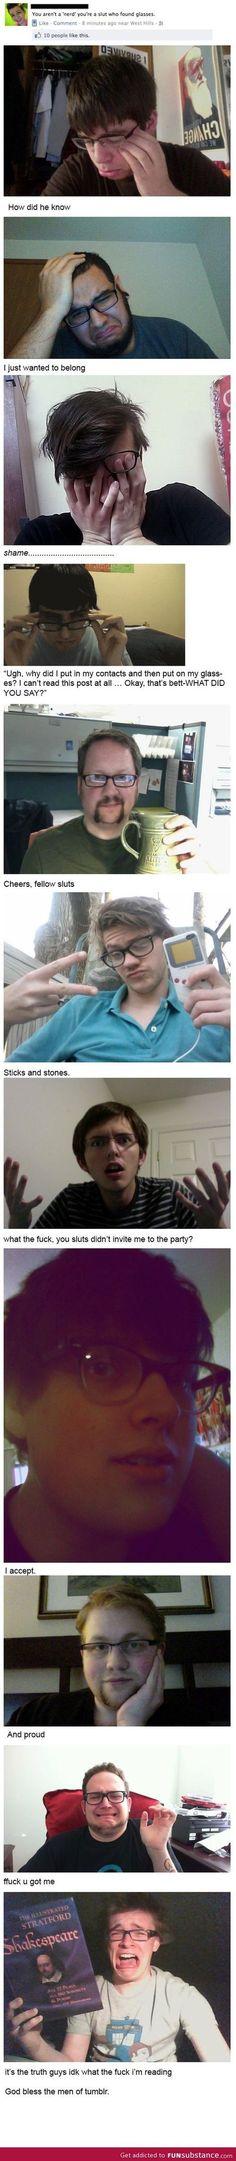 Men of Tumblr! hahahahhahaa